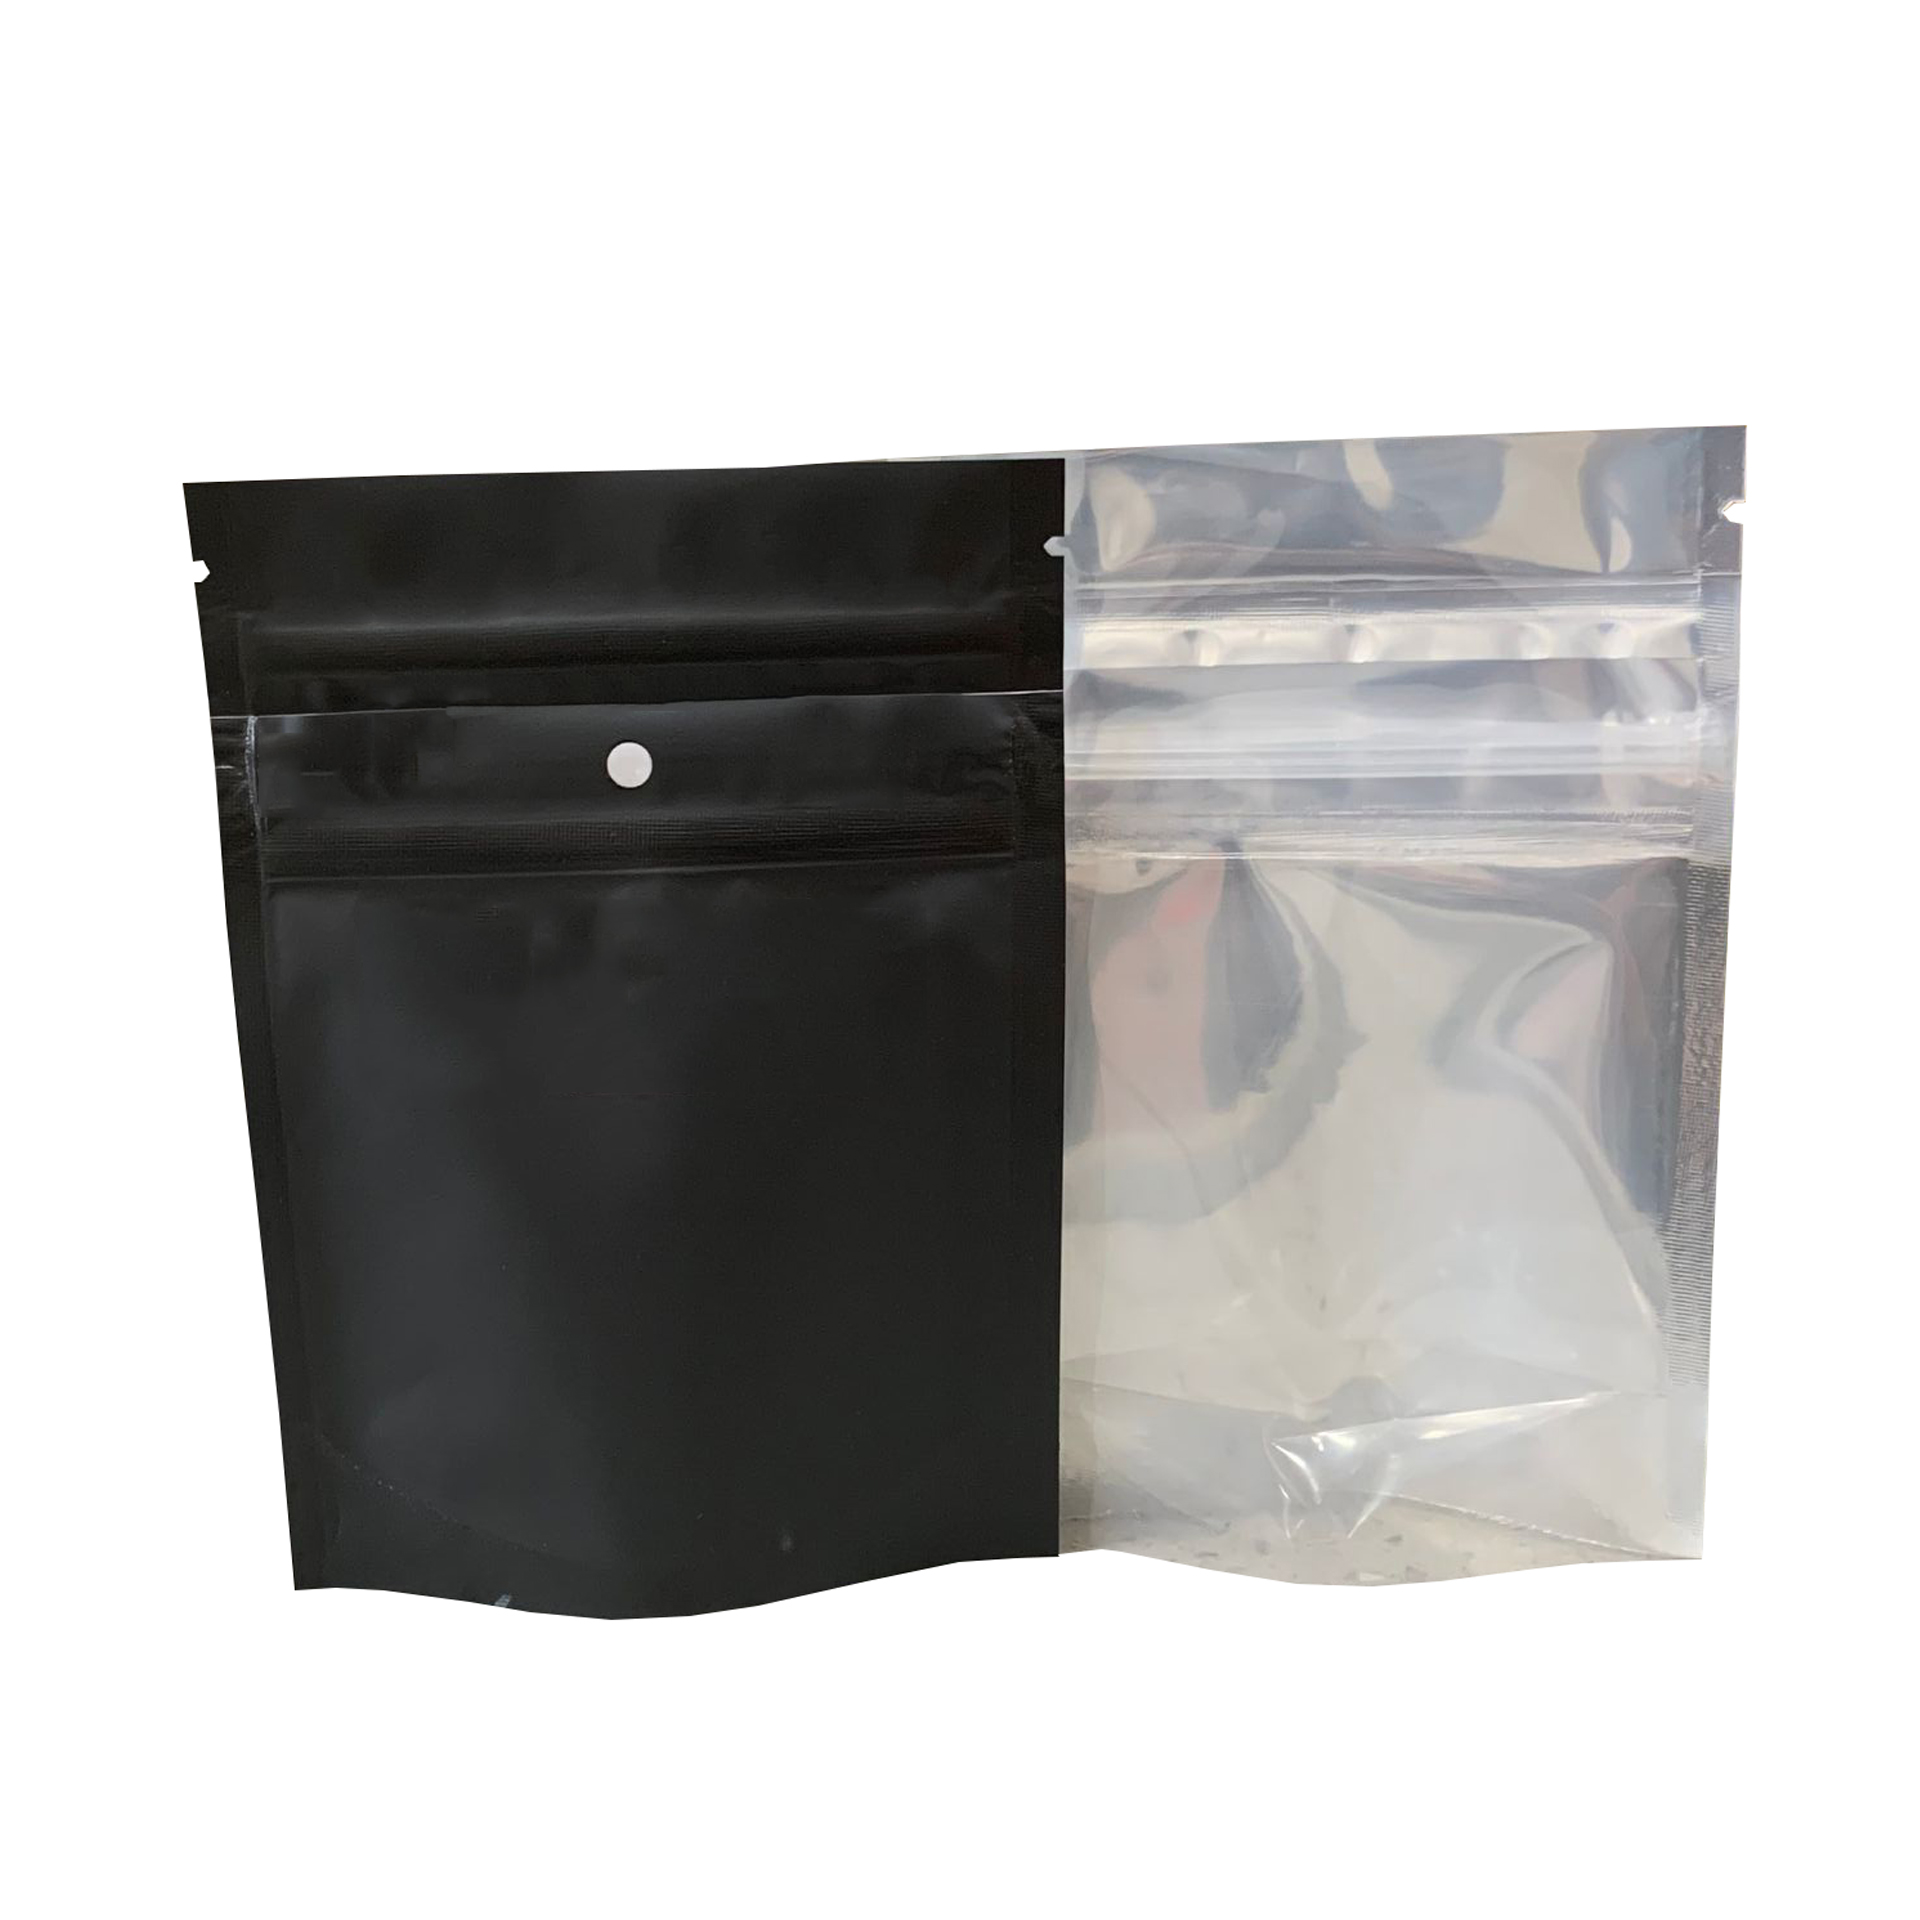 1/8 unzen Tasche Kind Beständig Individuell Bedruckte Einer Seite Klar Aluminium Folie Taschen Zipper Mylar Verpackung Tasche/Aufkleber für händler